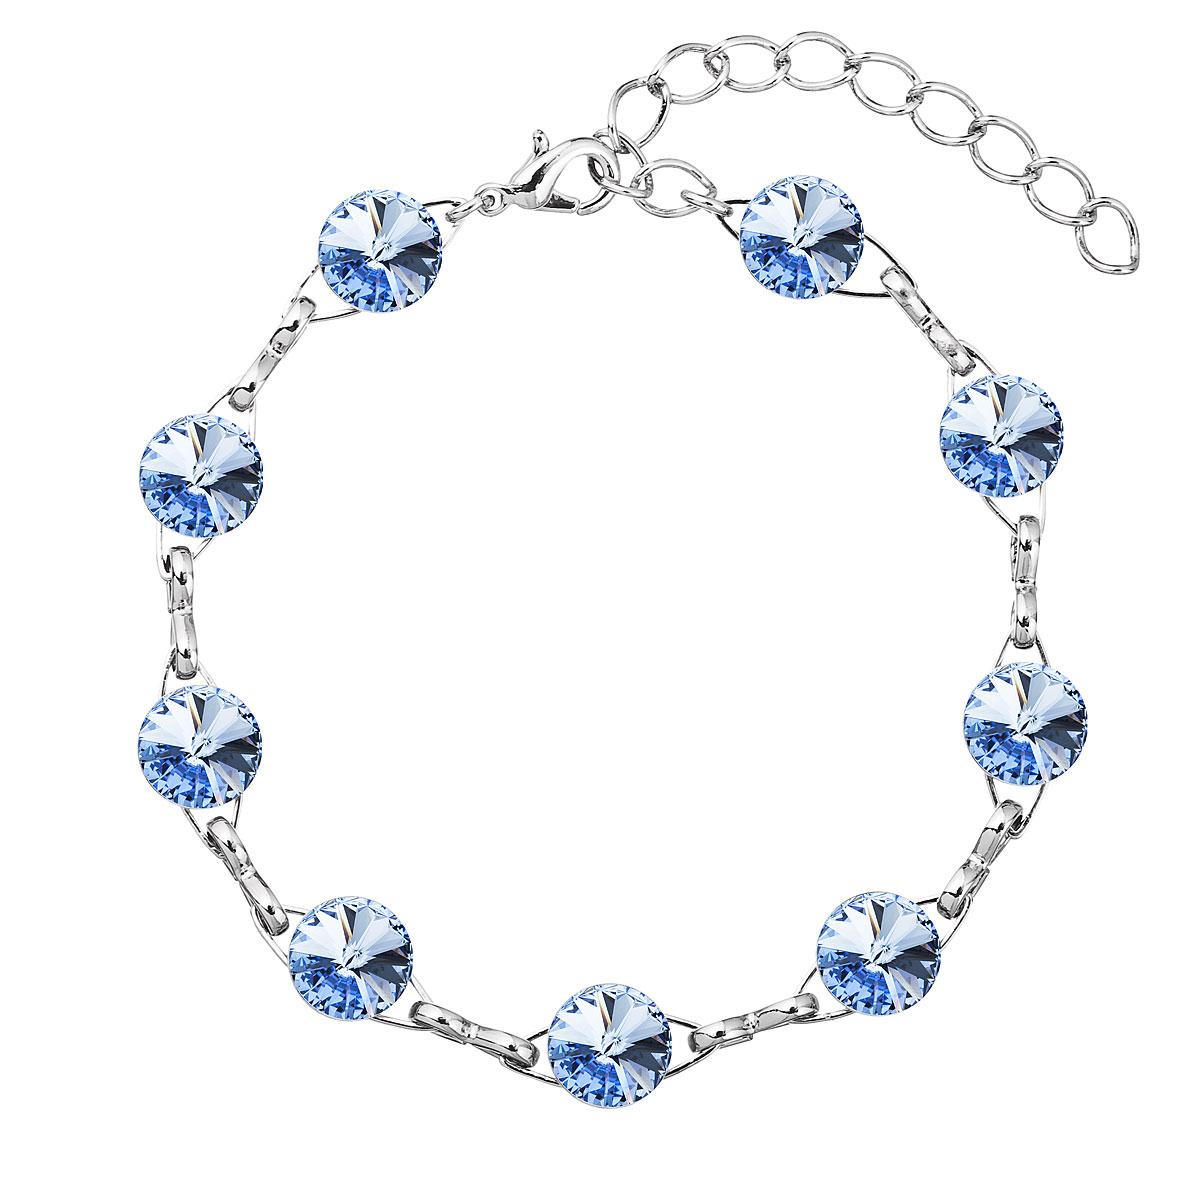 Náramek bižuterie se Swarovski krystaly modrý 53001.3 light sapphire